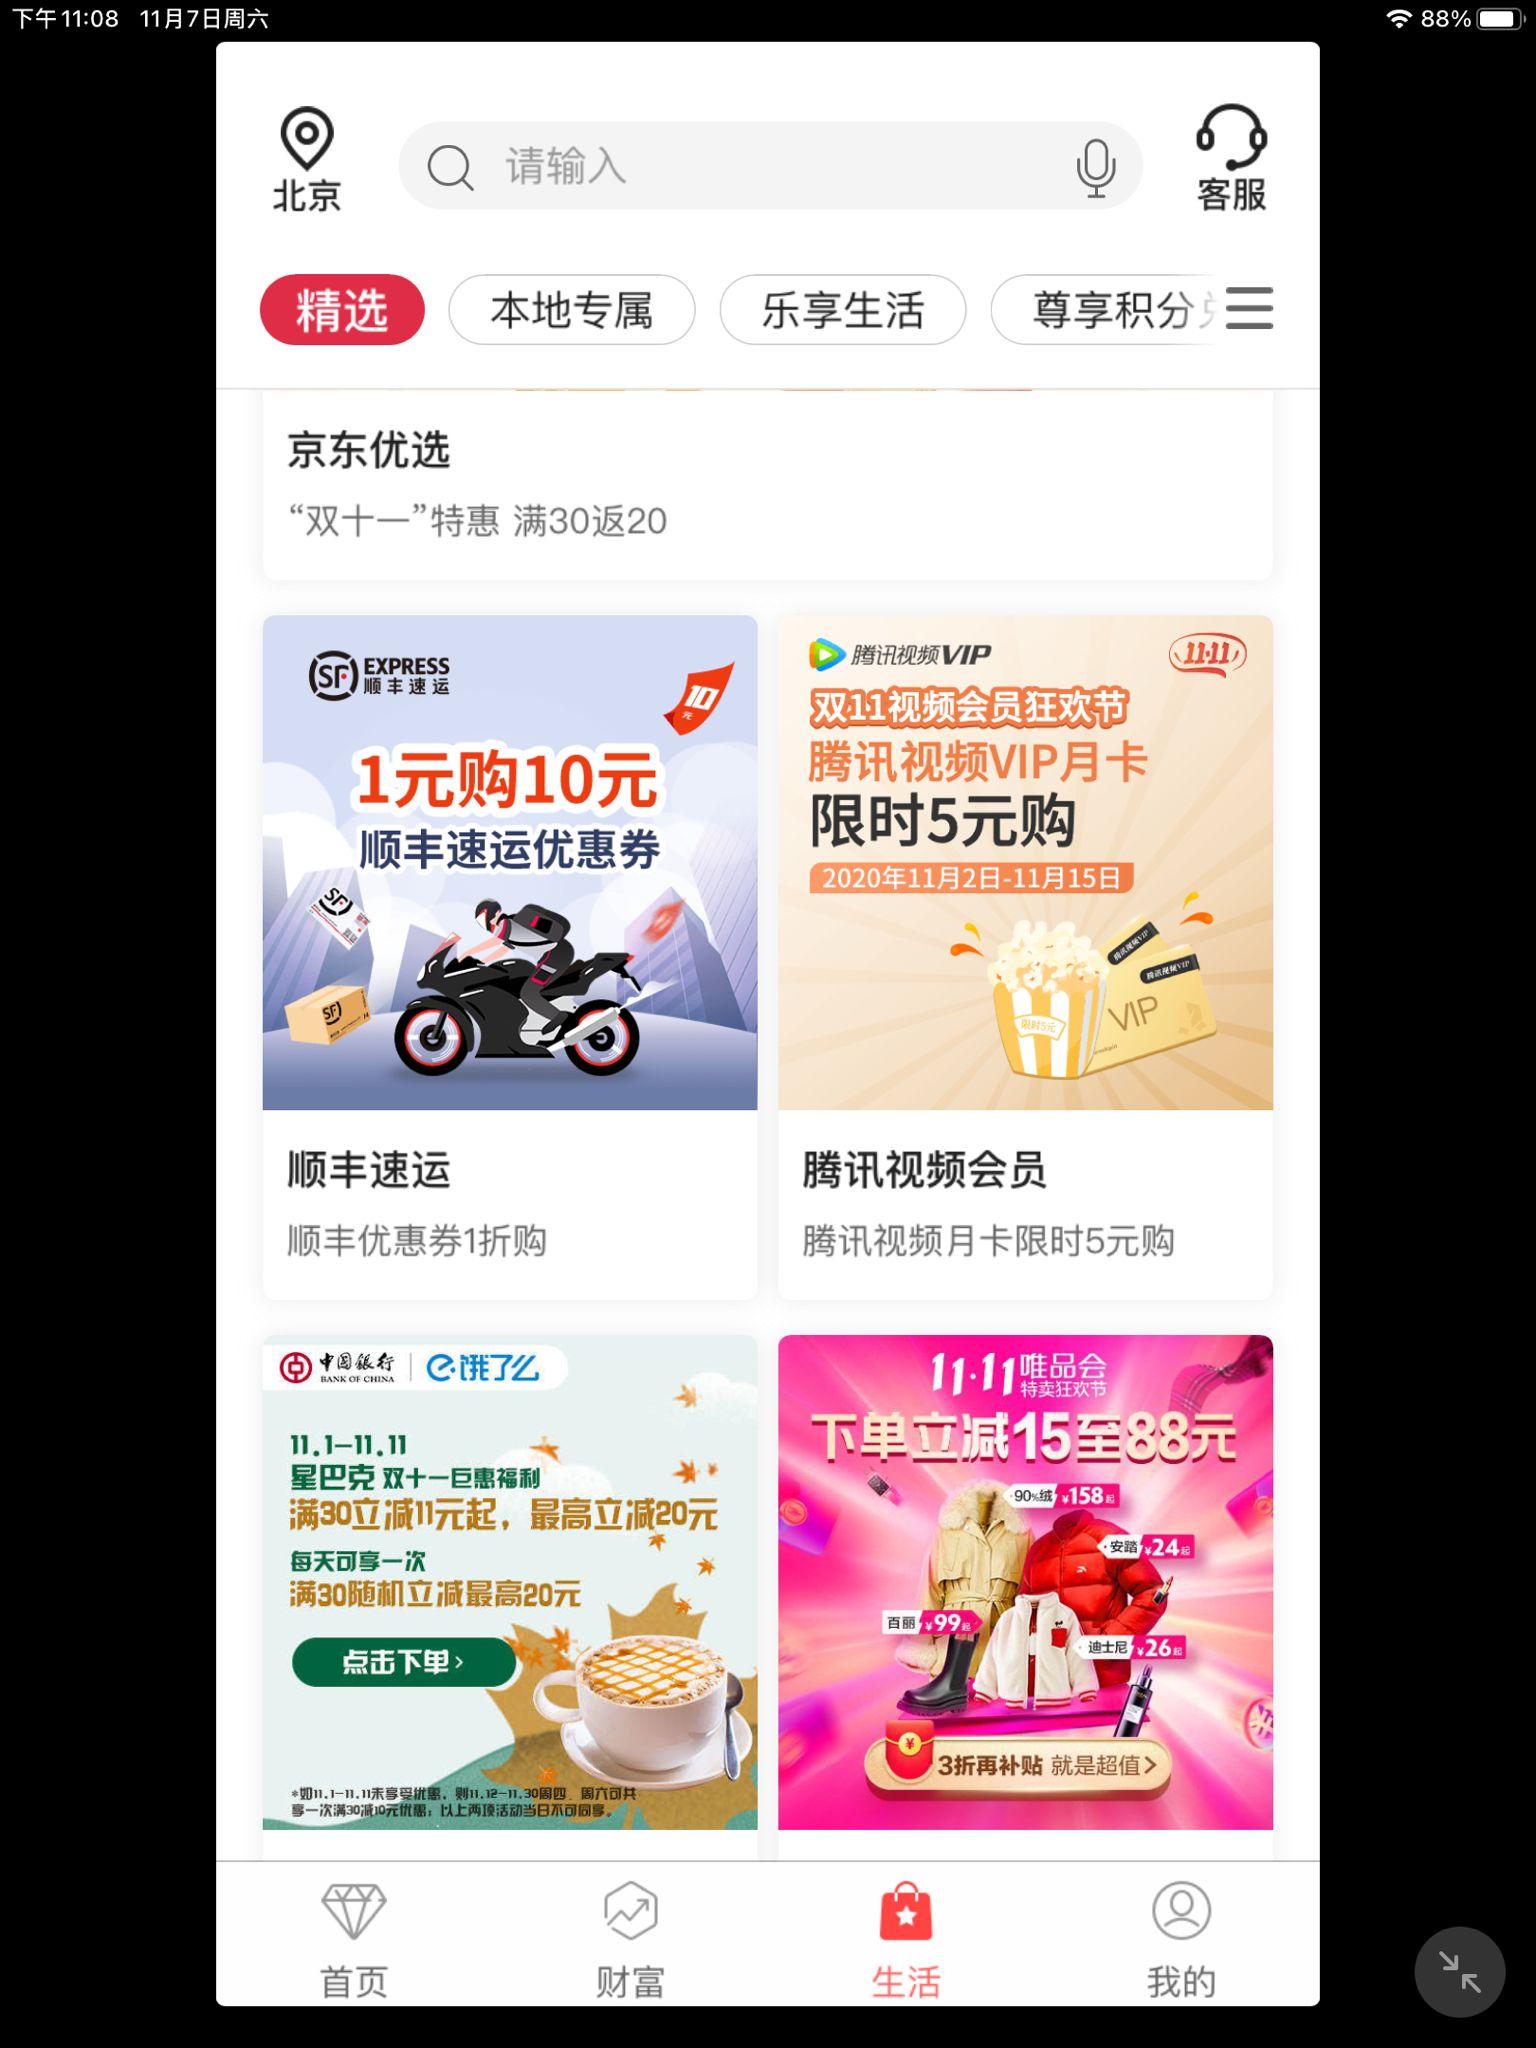 中国银行1元购网易云黑胶会员或者0.01元购买网易云黑胶会员周卡